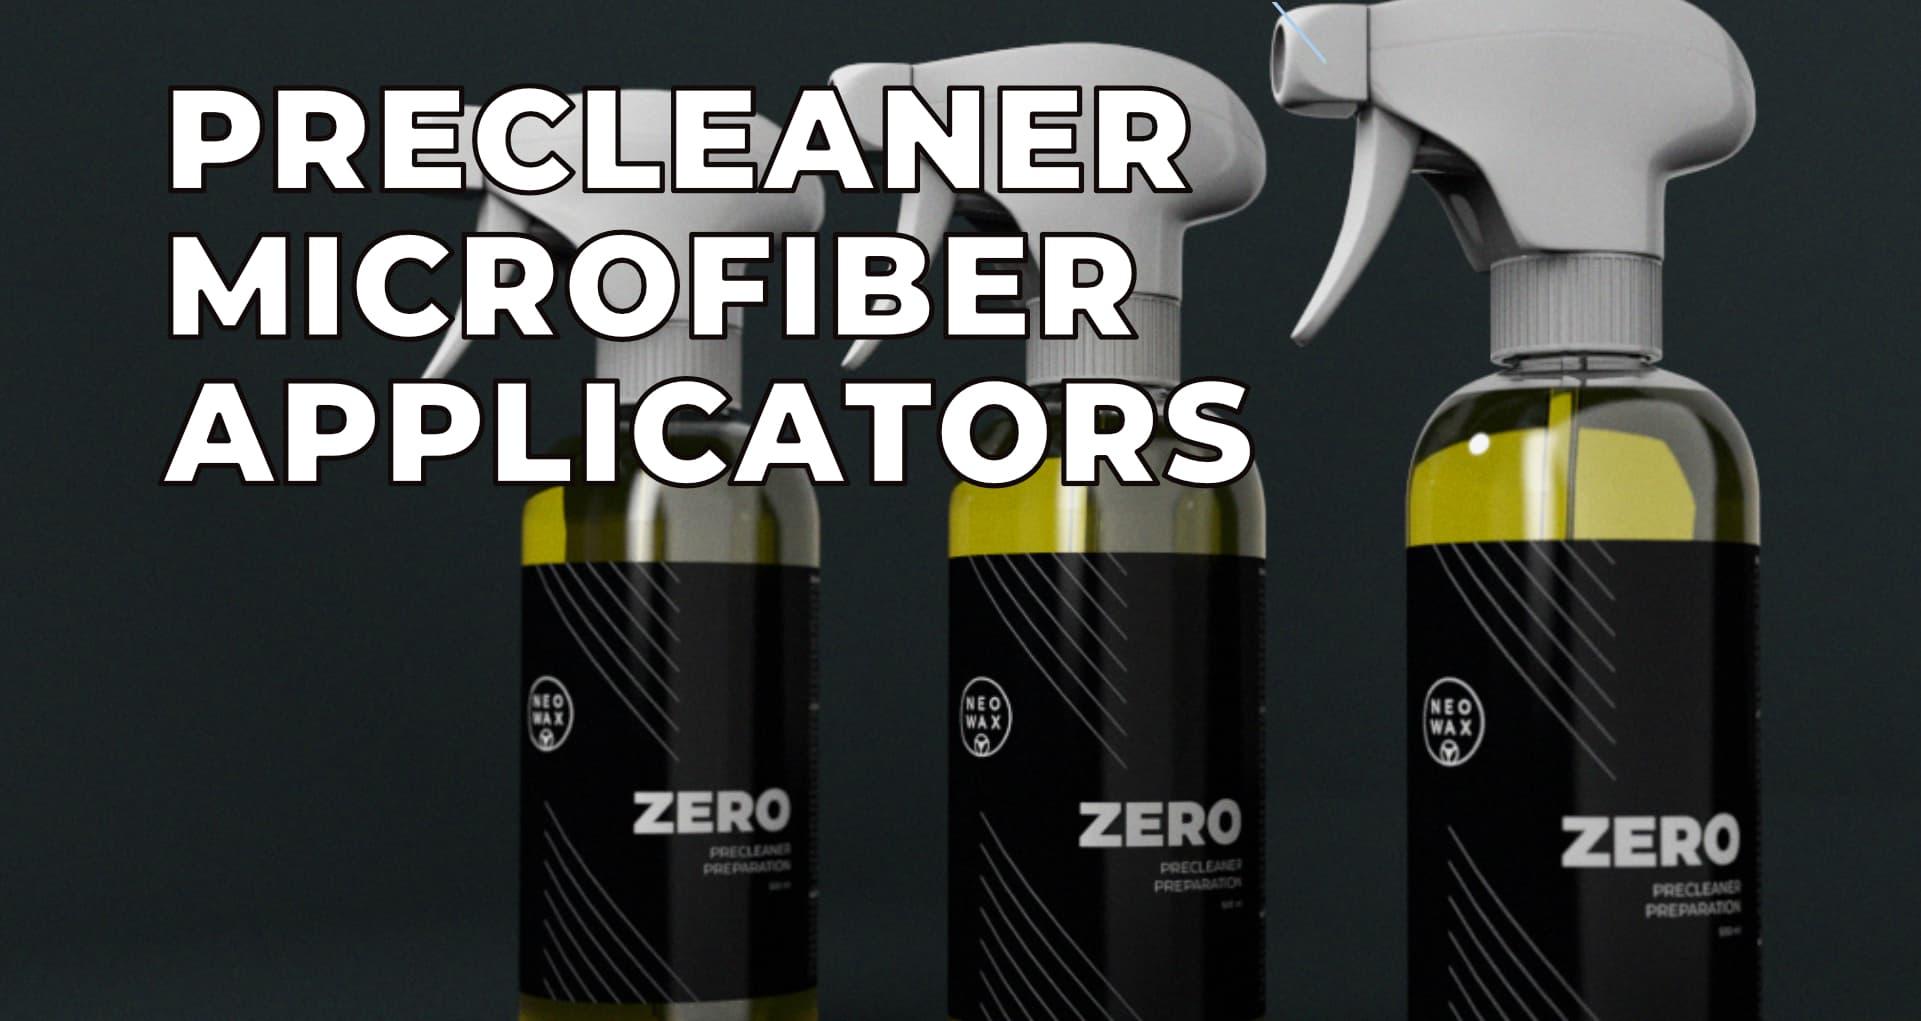 precleaner-applicator-mikrofaser